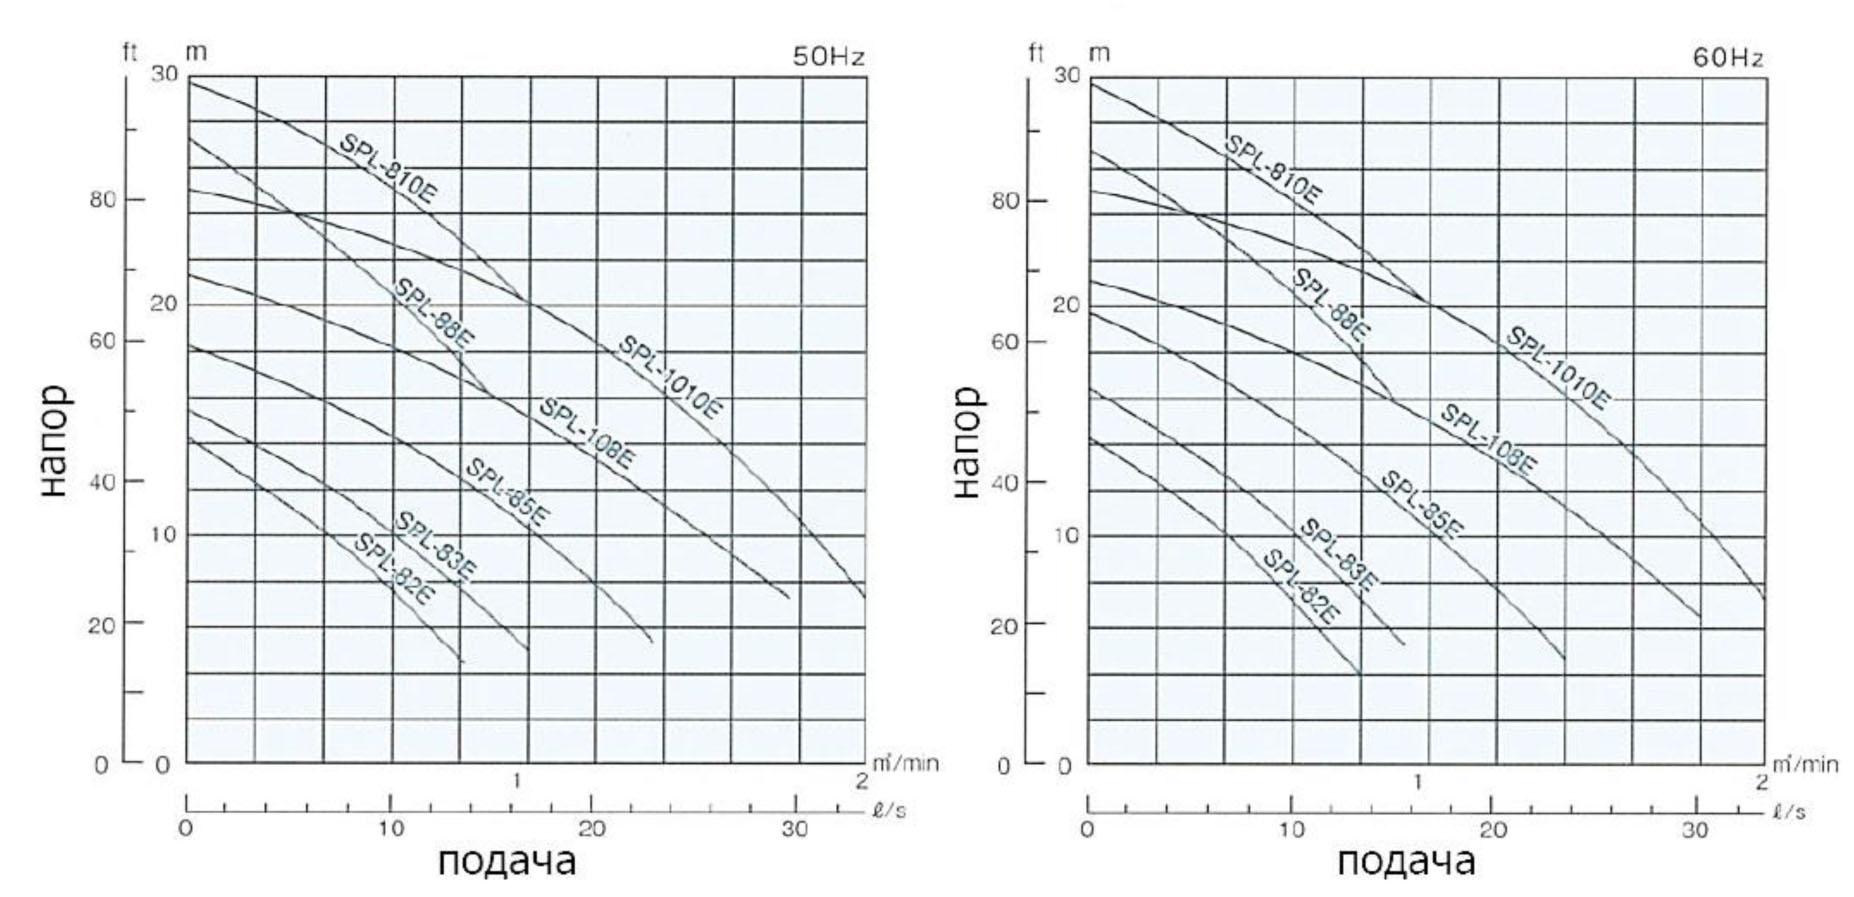 SPL-82E до 1010E (50Гц-60Гц)